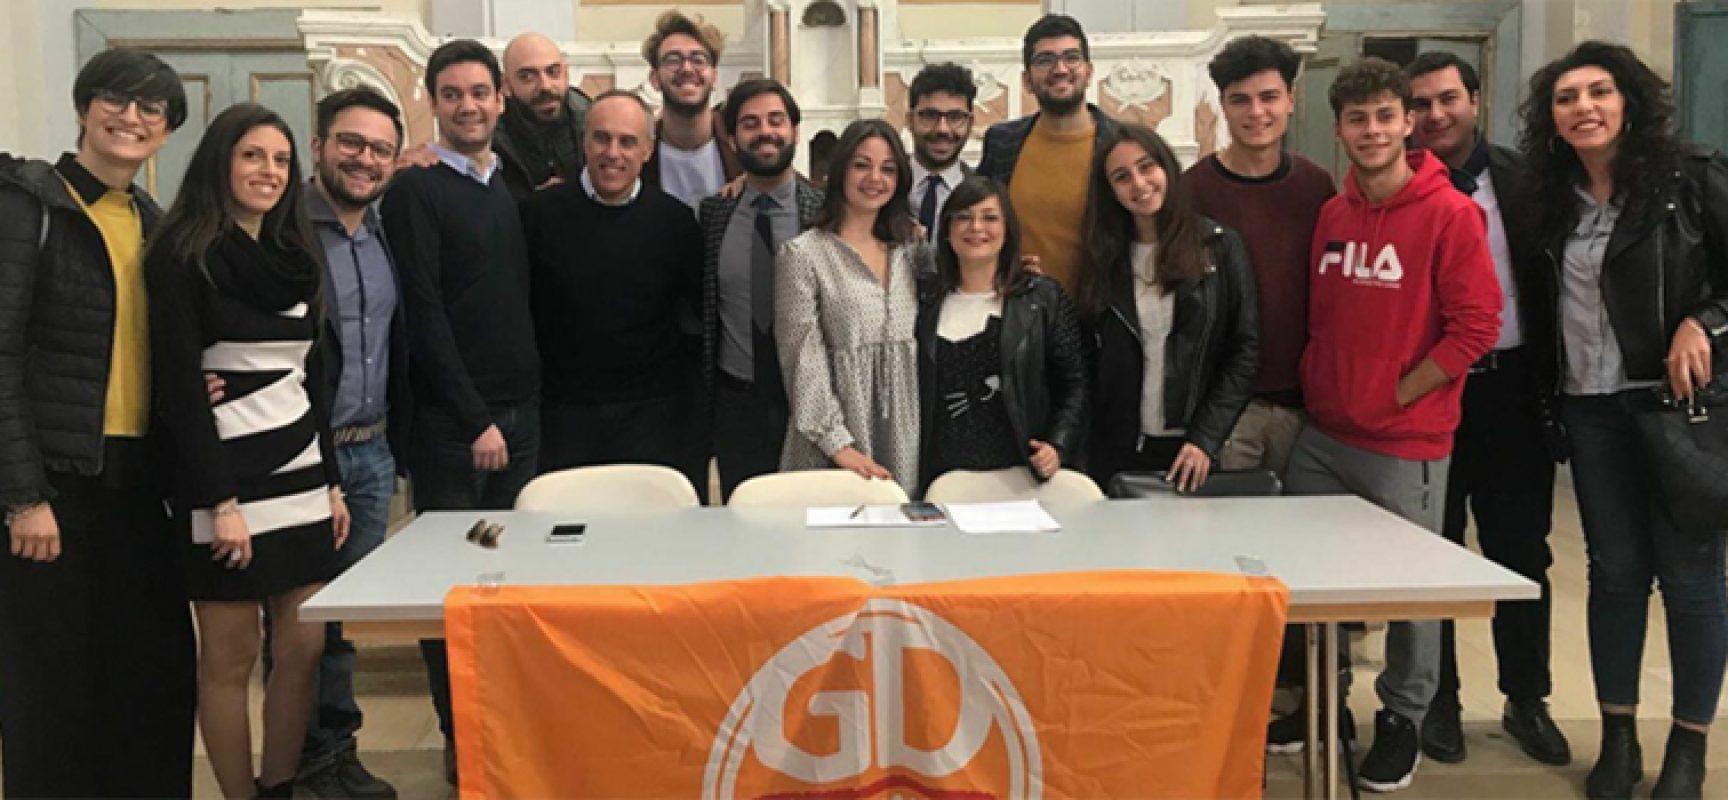 """Congresso Giovani democratici, """"Larga partecipazione, dimostrazione di nuovo corso"""""""